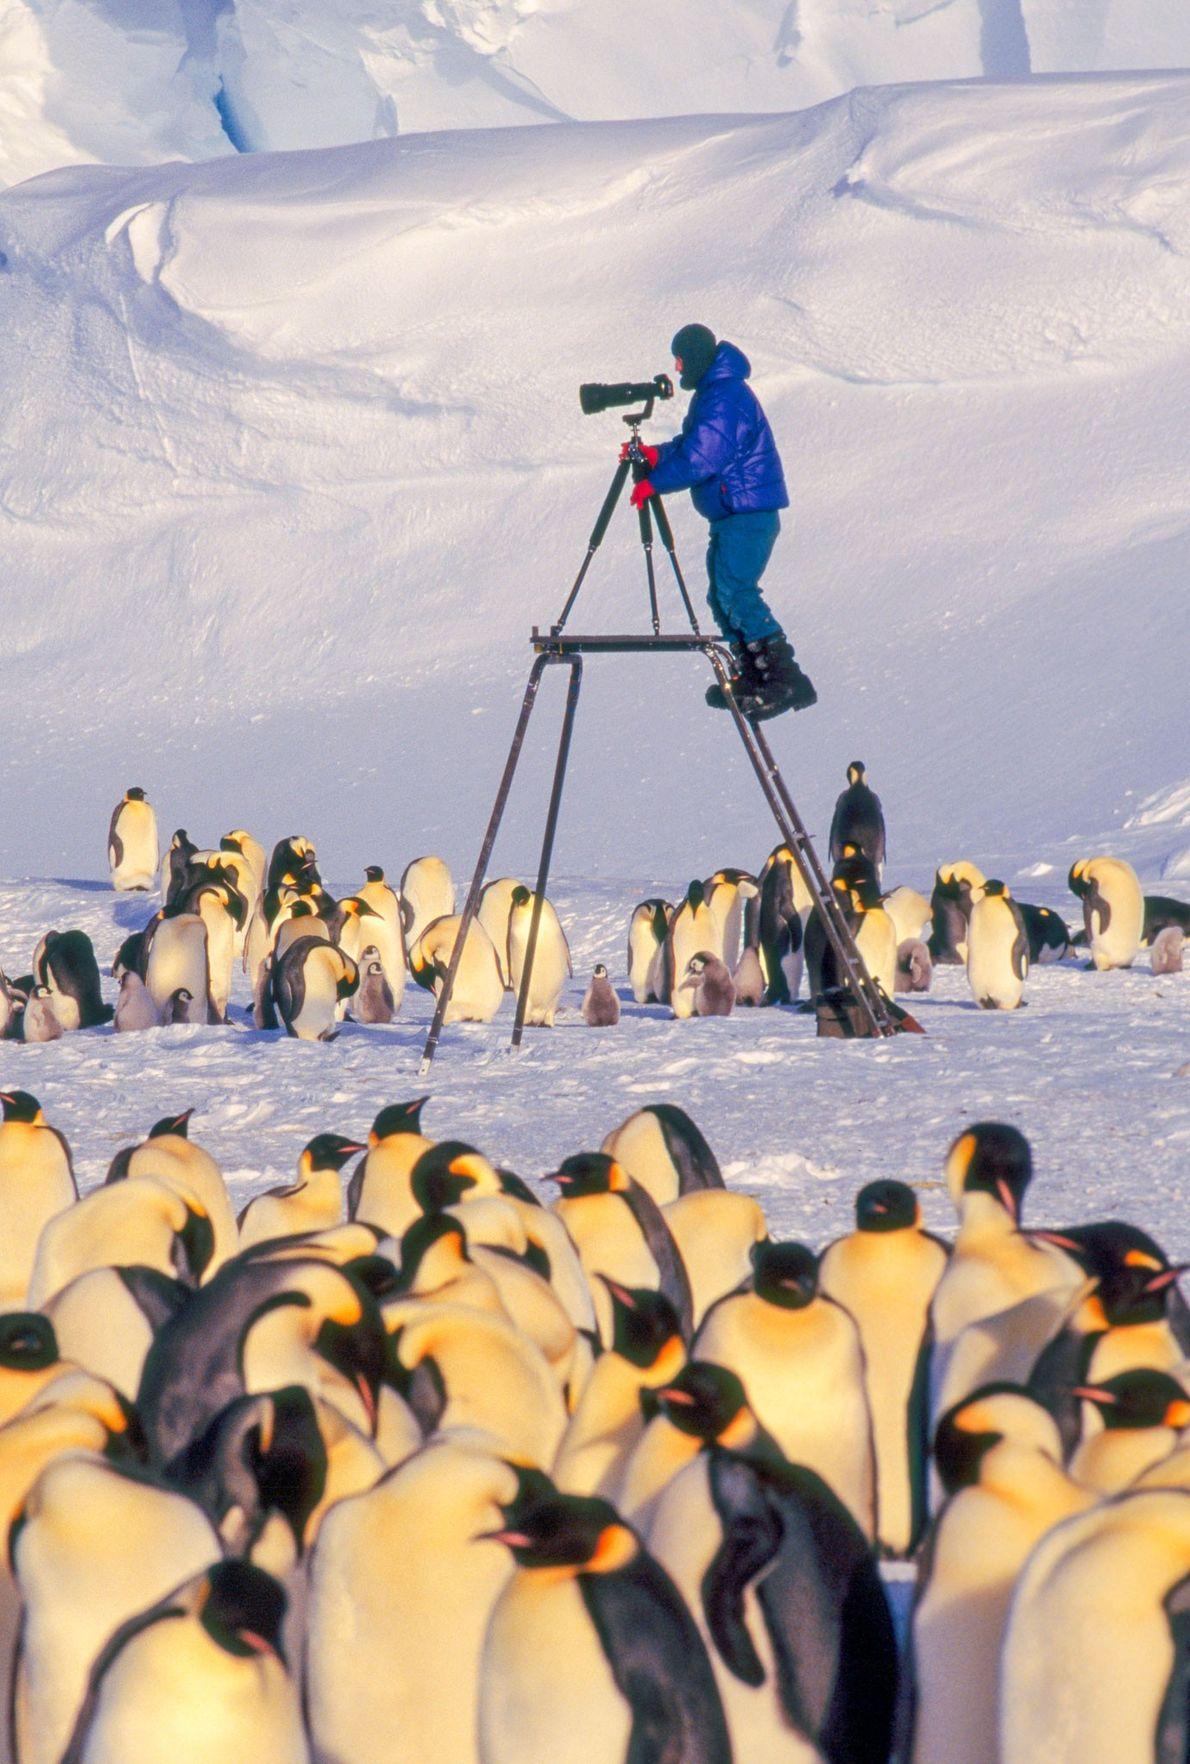 """""""Eu estava a pensar numa perspetiva diferente para fotografar pinguins imperadores nas suas colónias remotas de ..."""